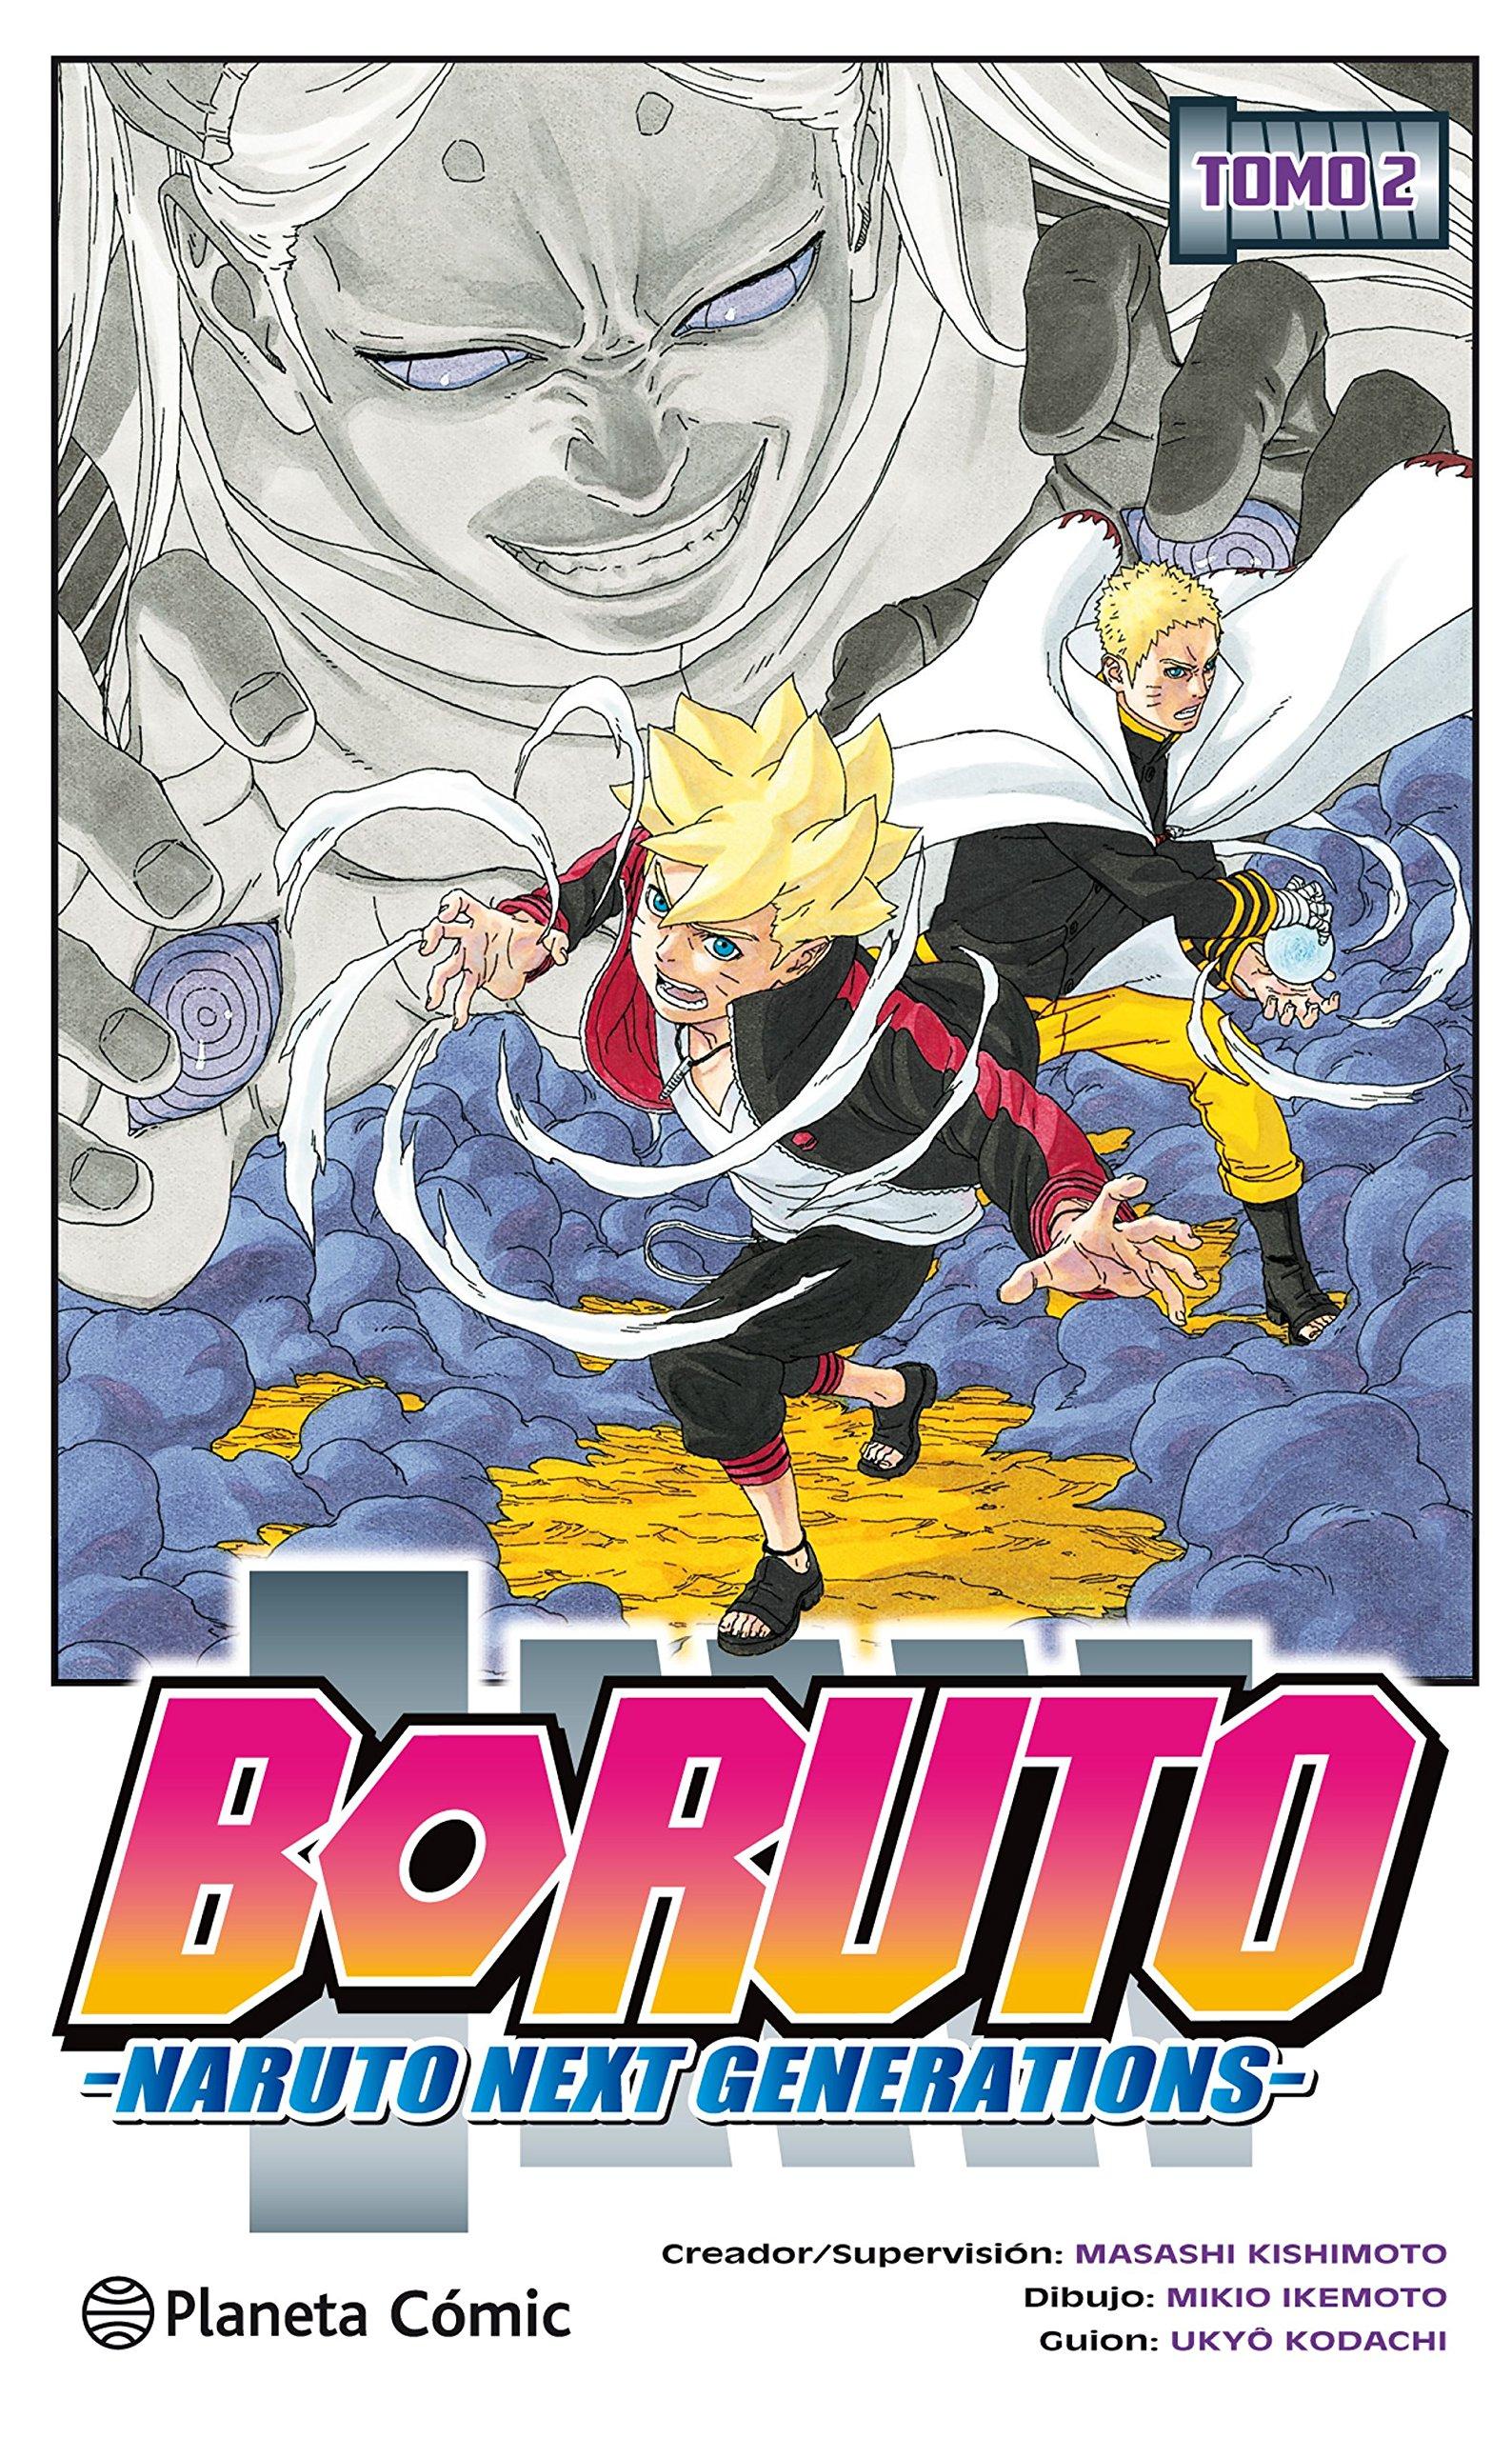 Boruto 2, Naruto next generations: Masashi Kishimoto ...